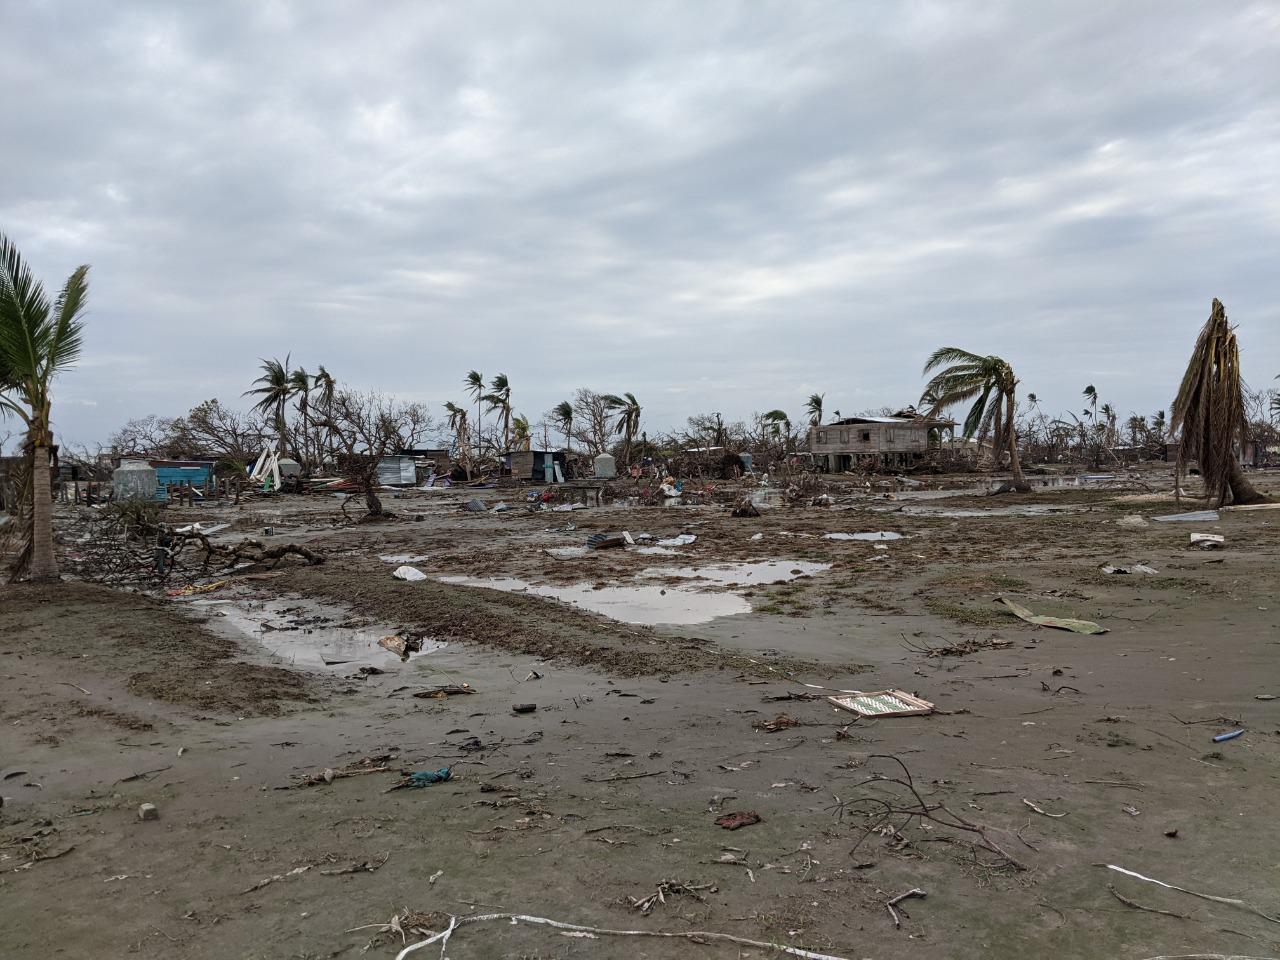 """Bilwi, Region Autónoma Costa Caribe de Nicaragua. Foto tomada por el equipo facilitador de """"Más allá del desastre"""" en su visita a la Region Caribe, después del paso del Huracán Eta y Iota."""